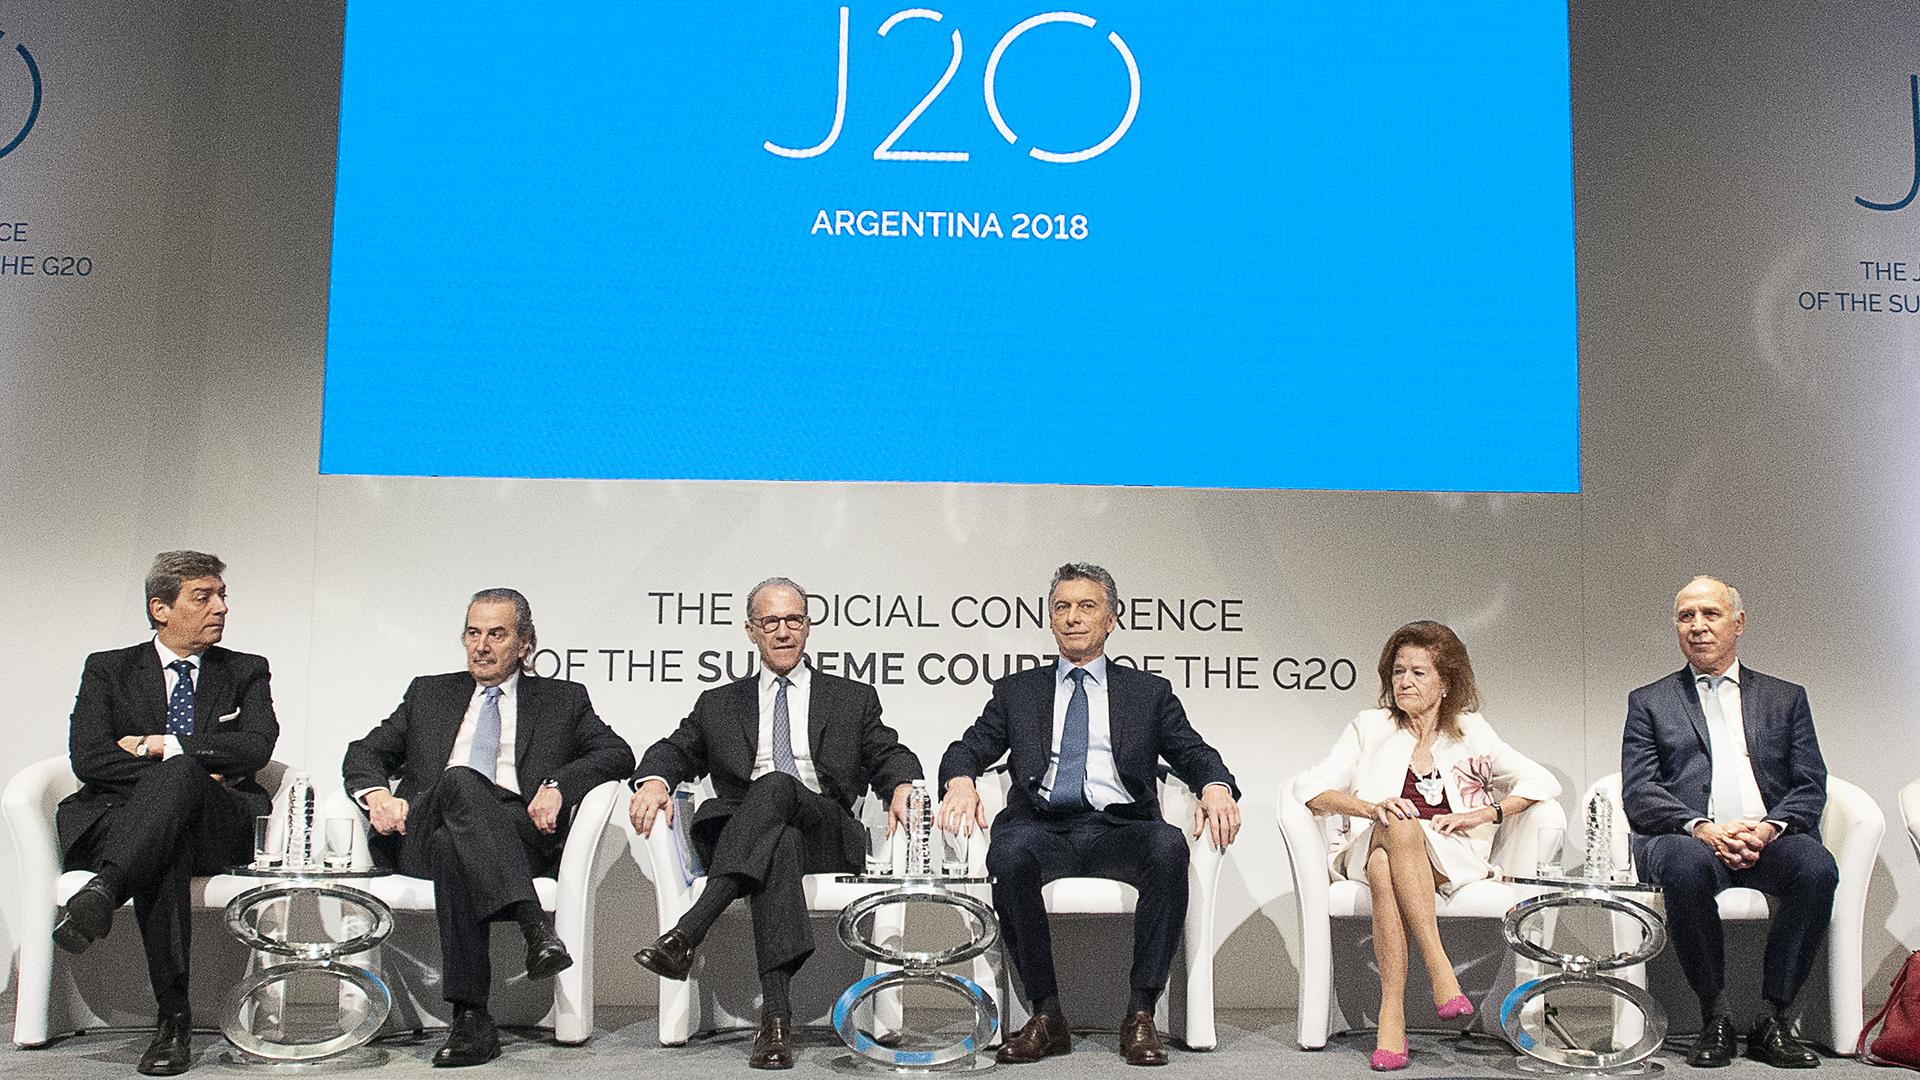 Los jueces de la Corte, junto al presidente Mauricio Macri